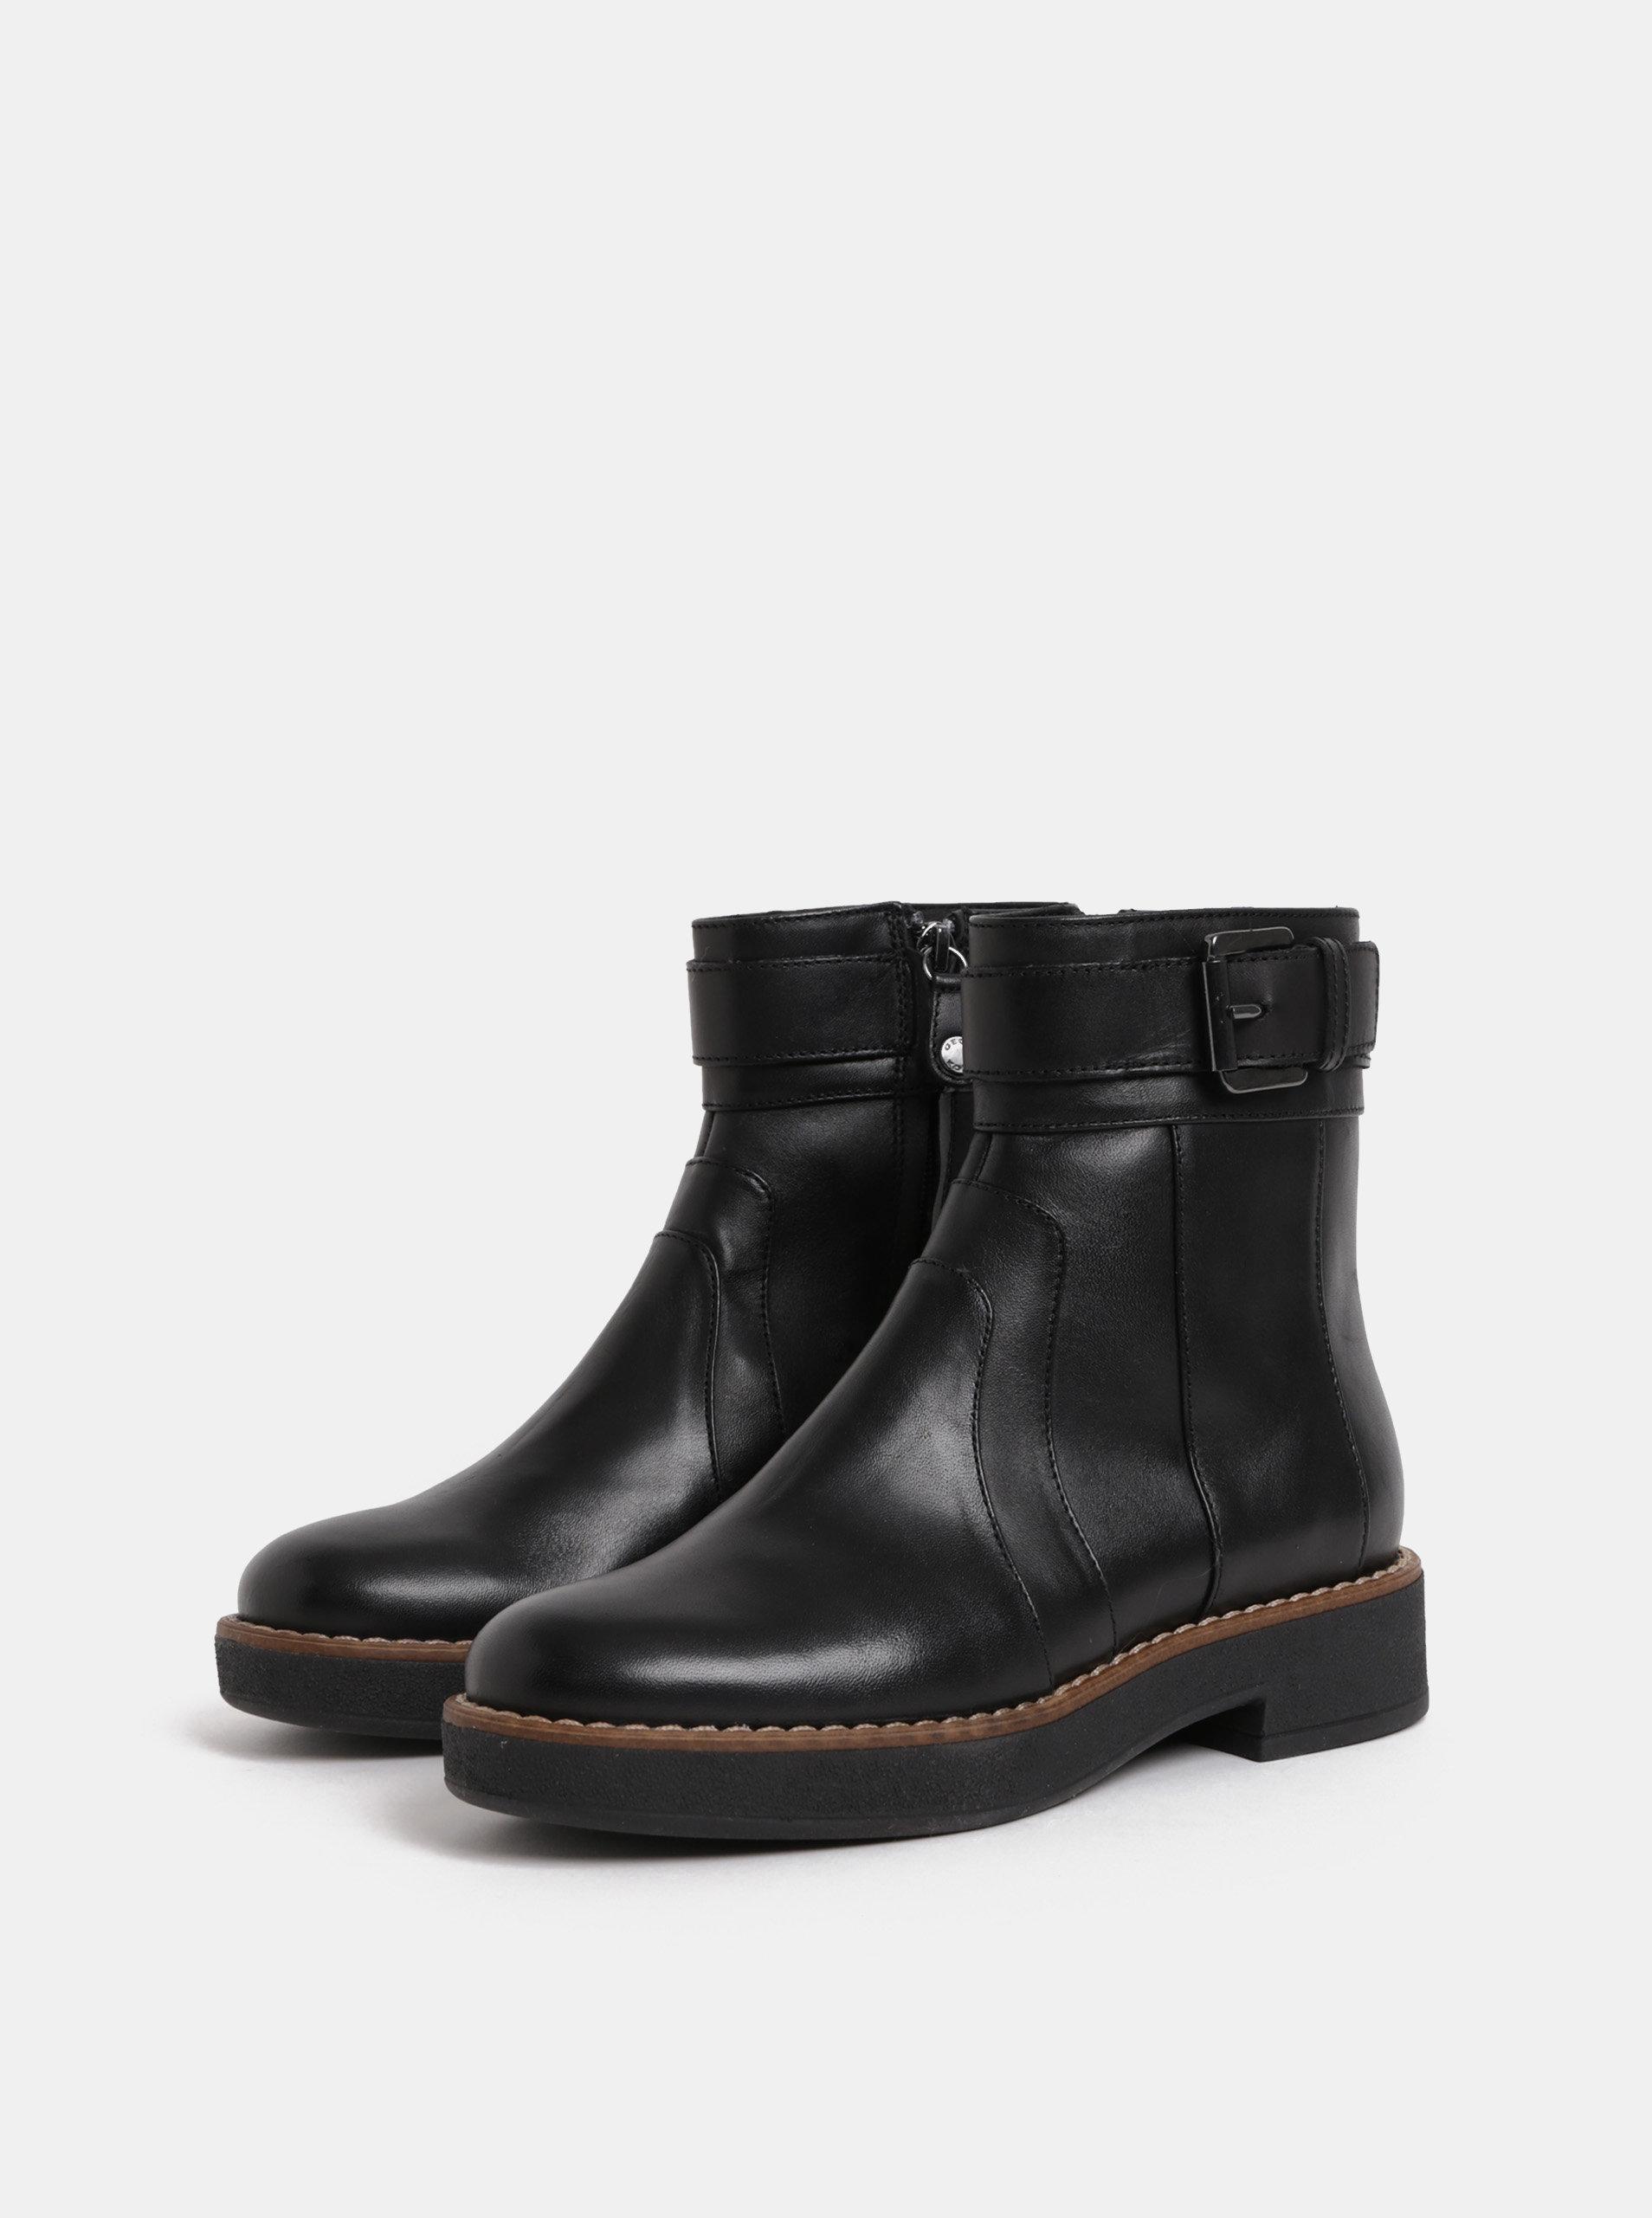 335b80135588 Čierne dámske kožené členkové topánky s prackou Geox Adrya ...